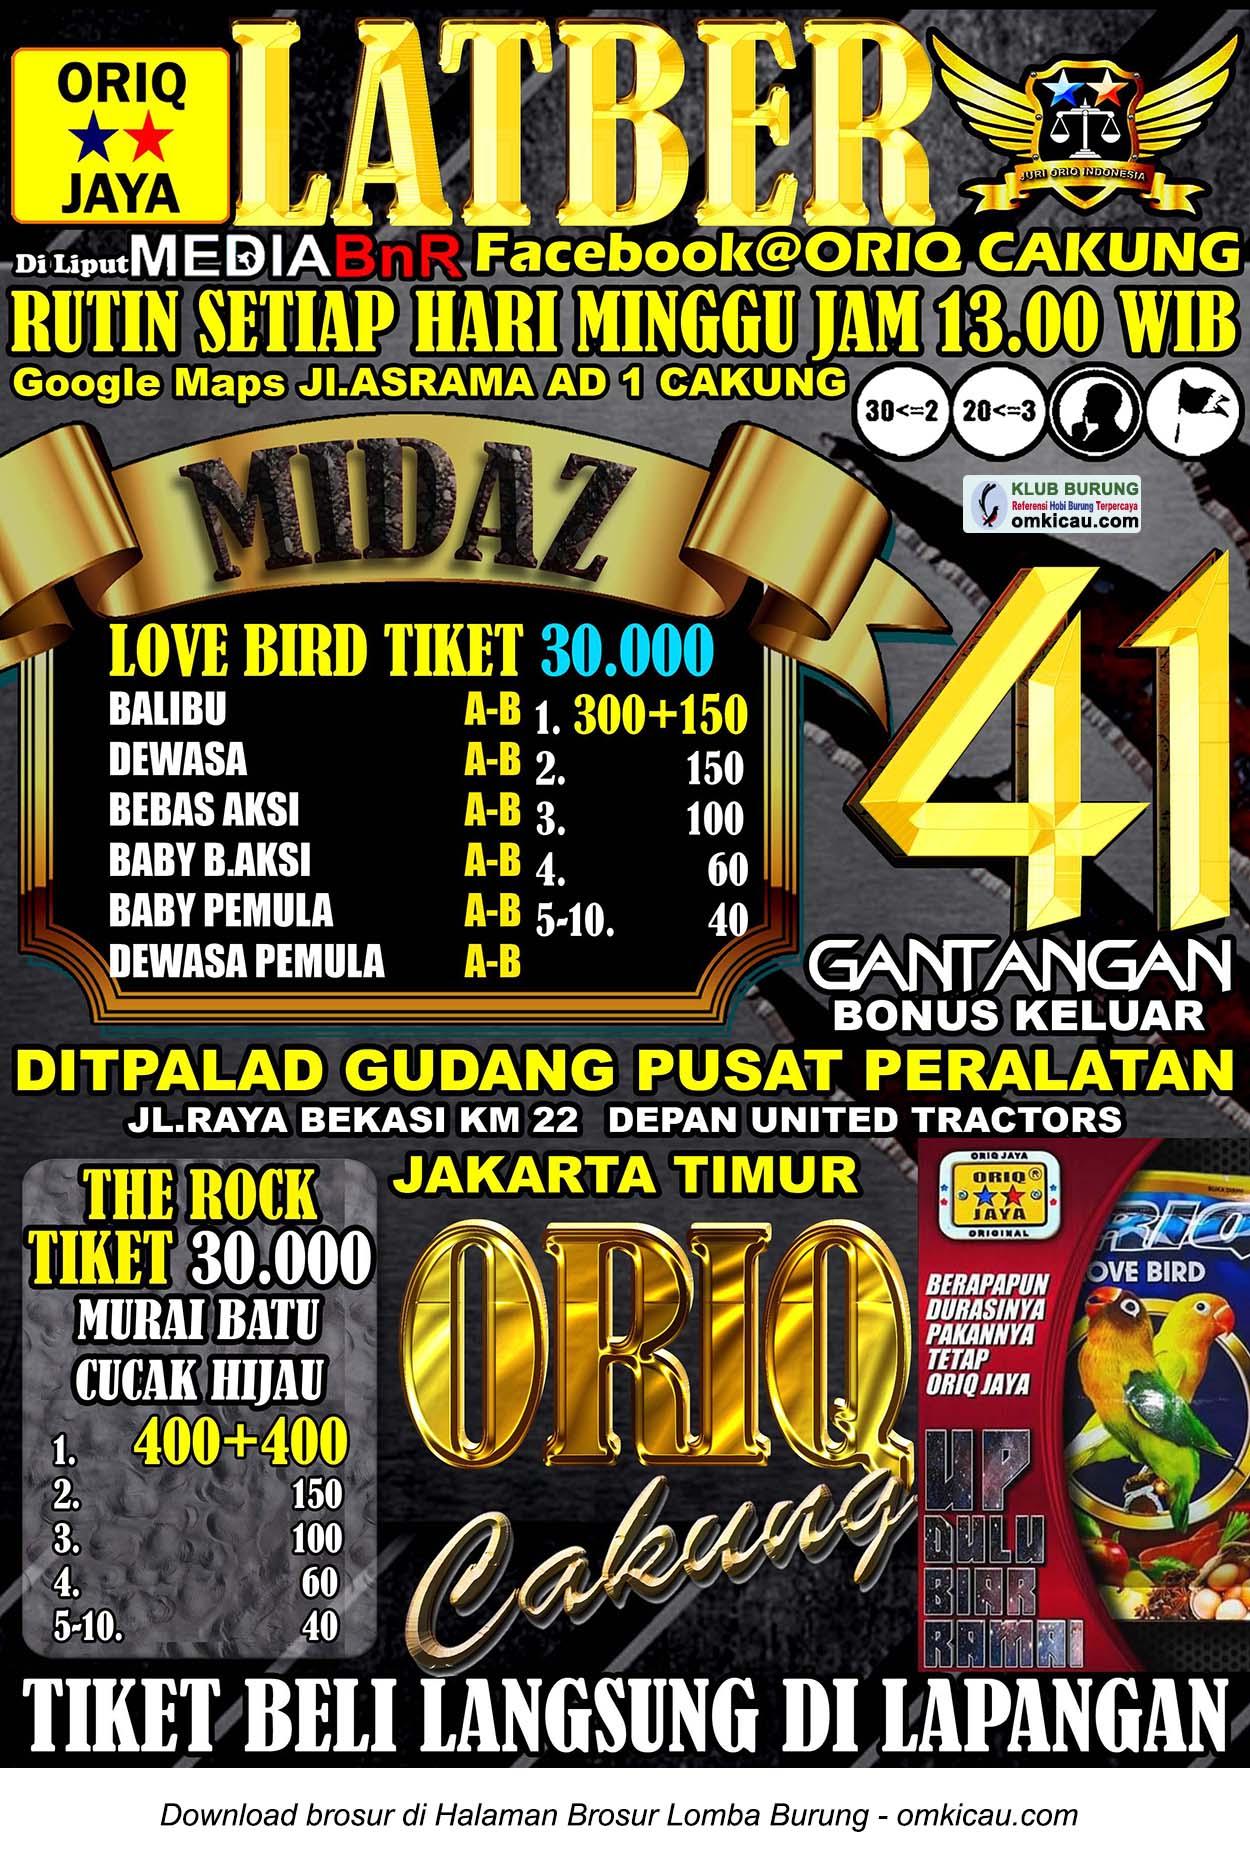 Latber Oriq Cakung edisi Minggu